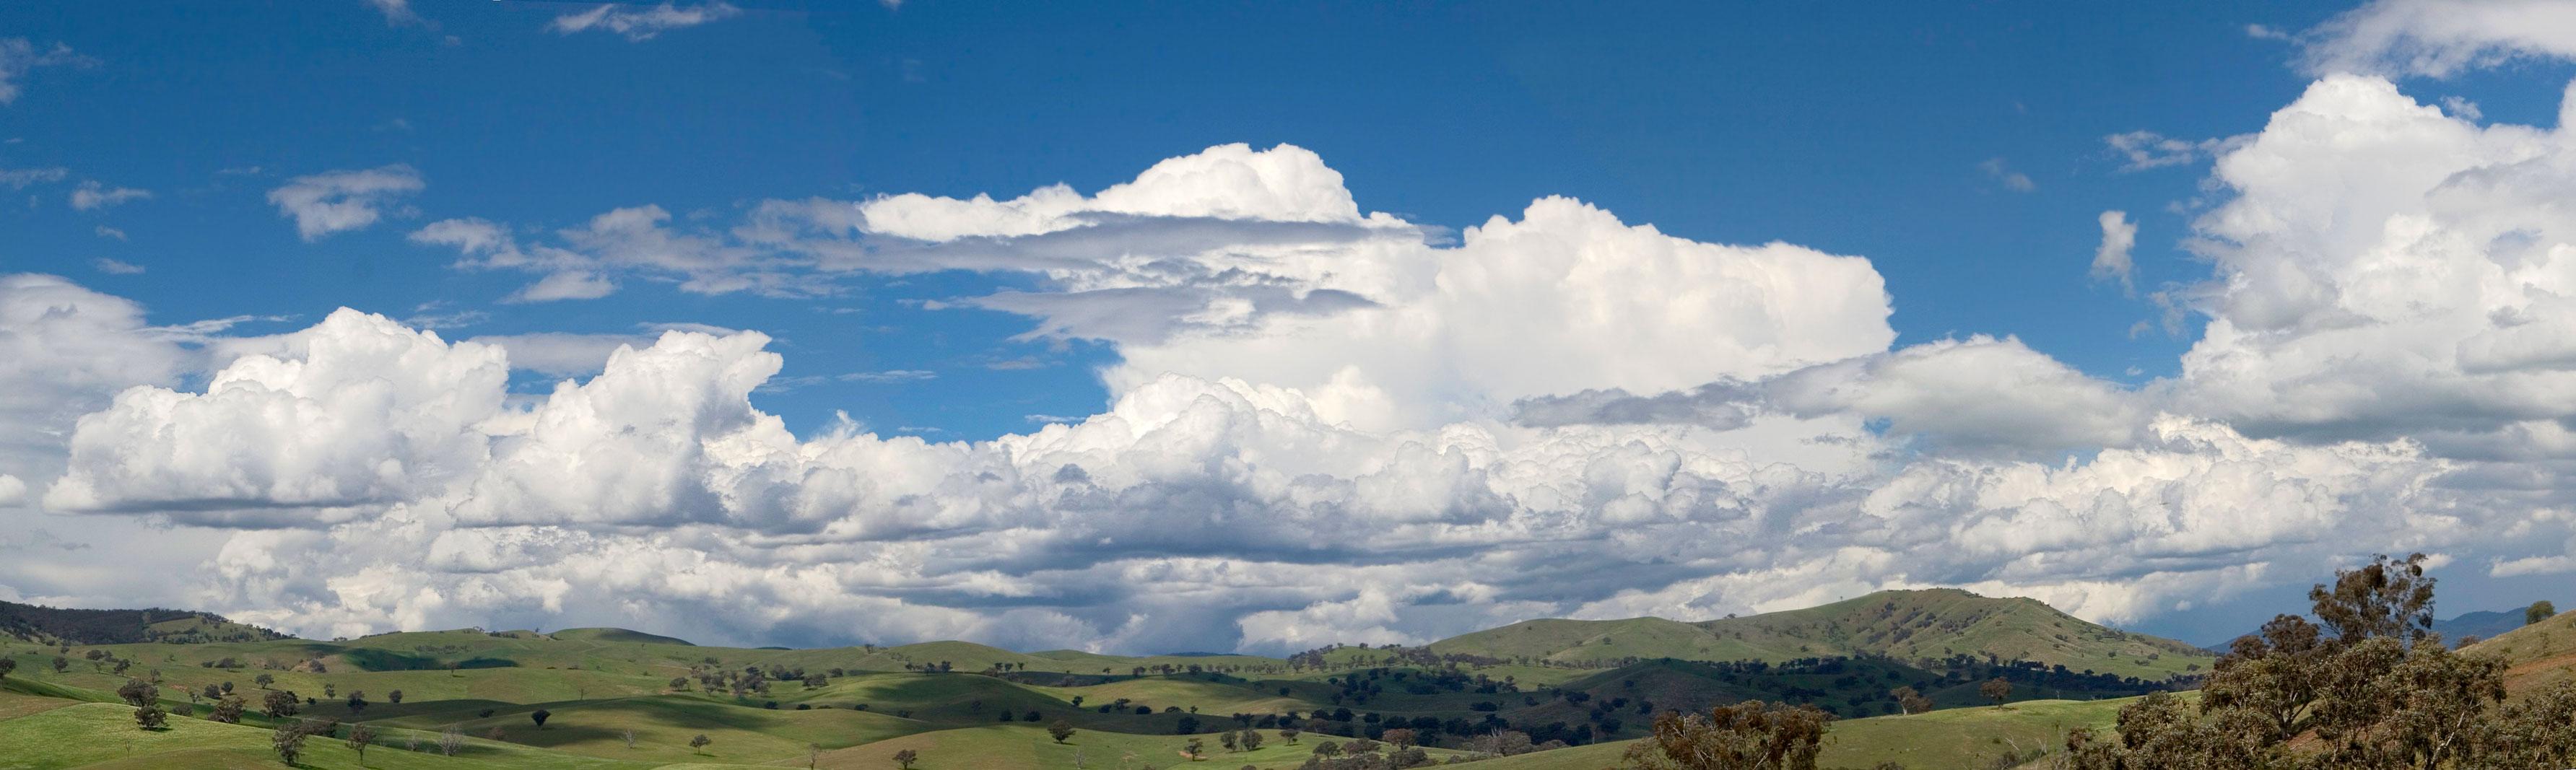 Hình ảnh những tầng mây trên thảo nguyên